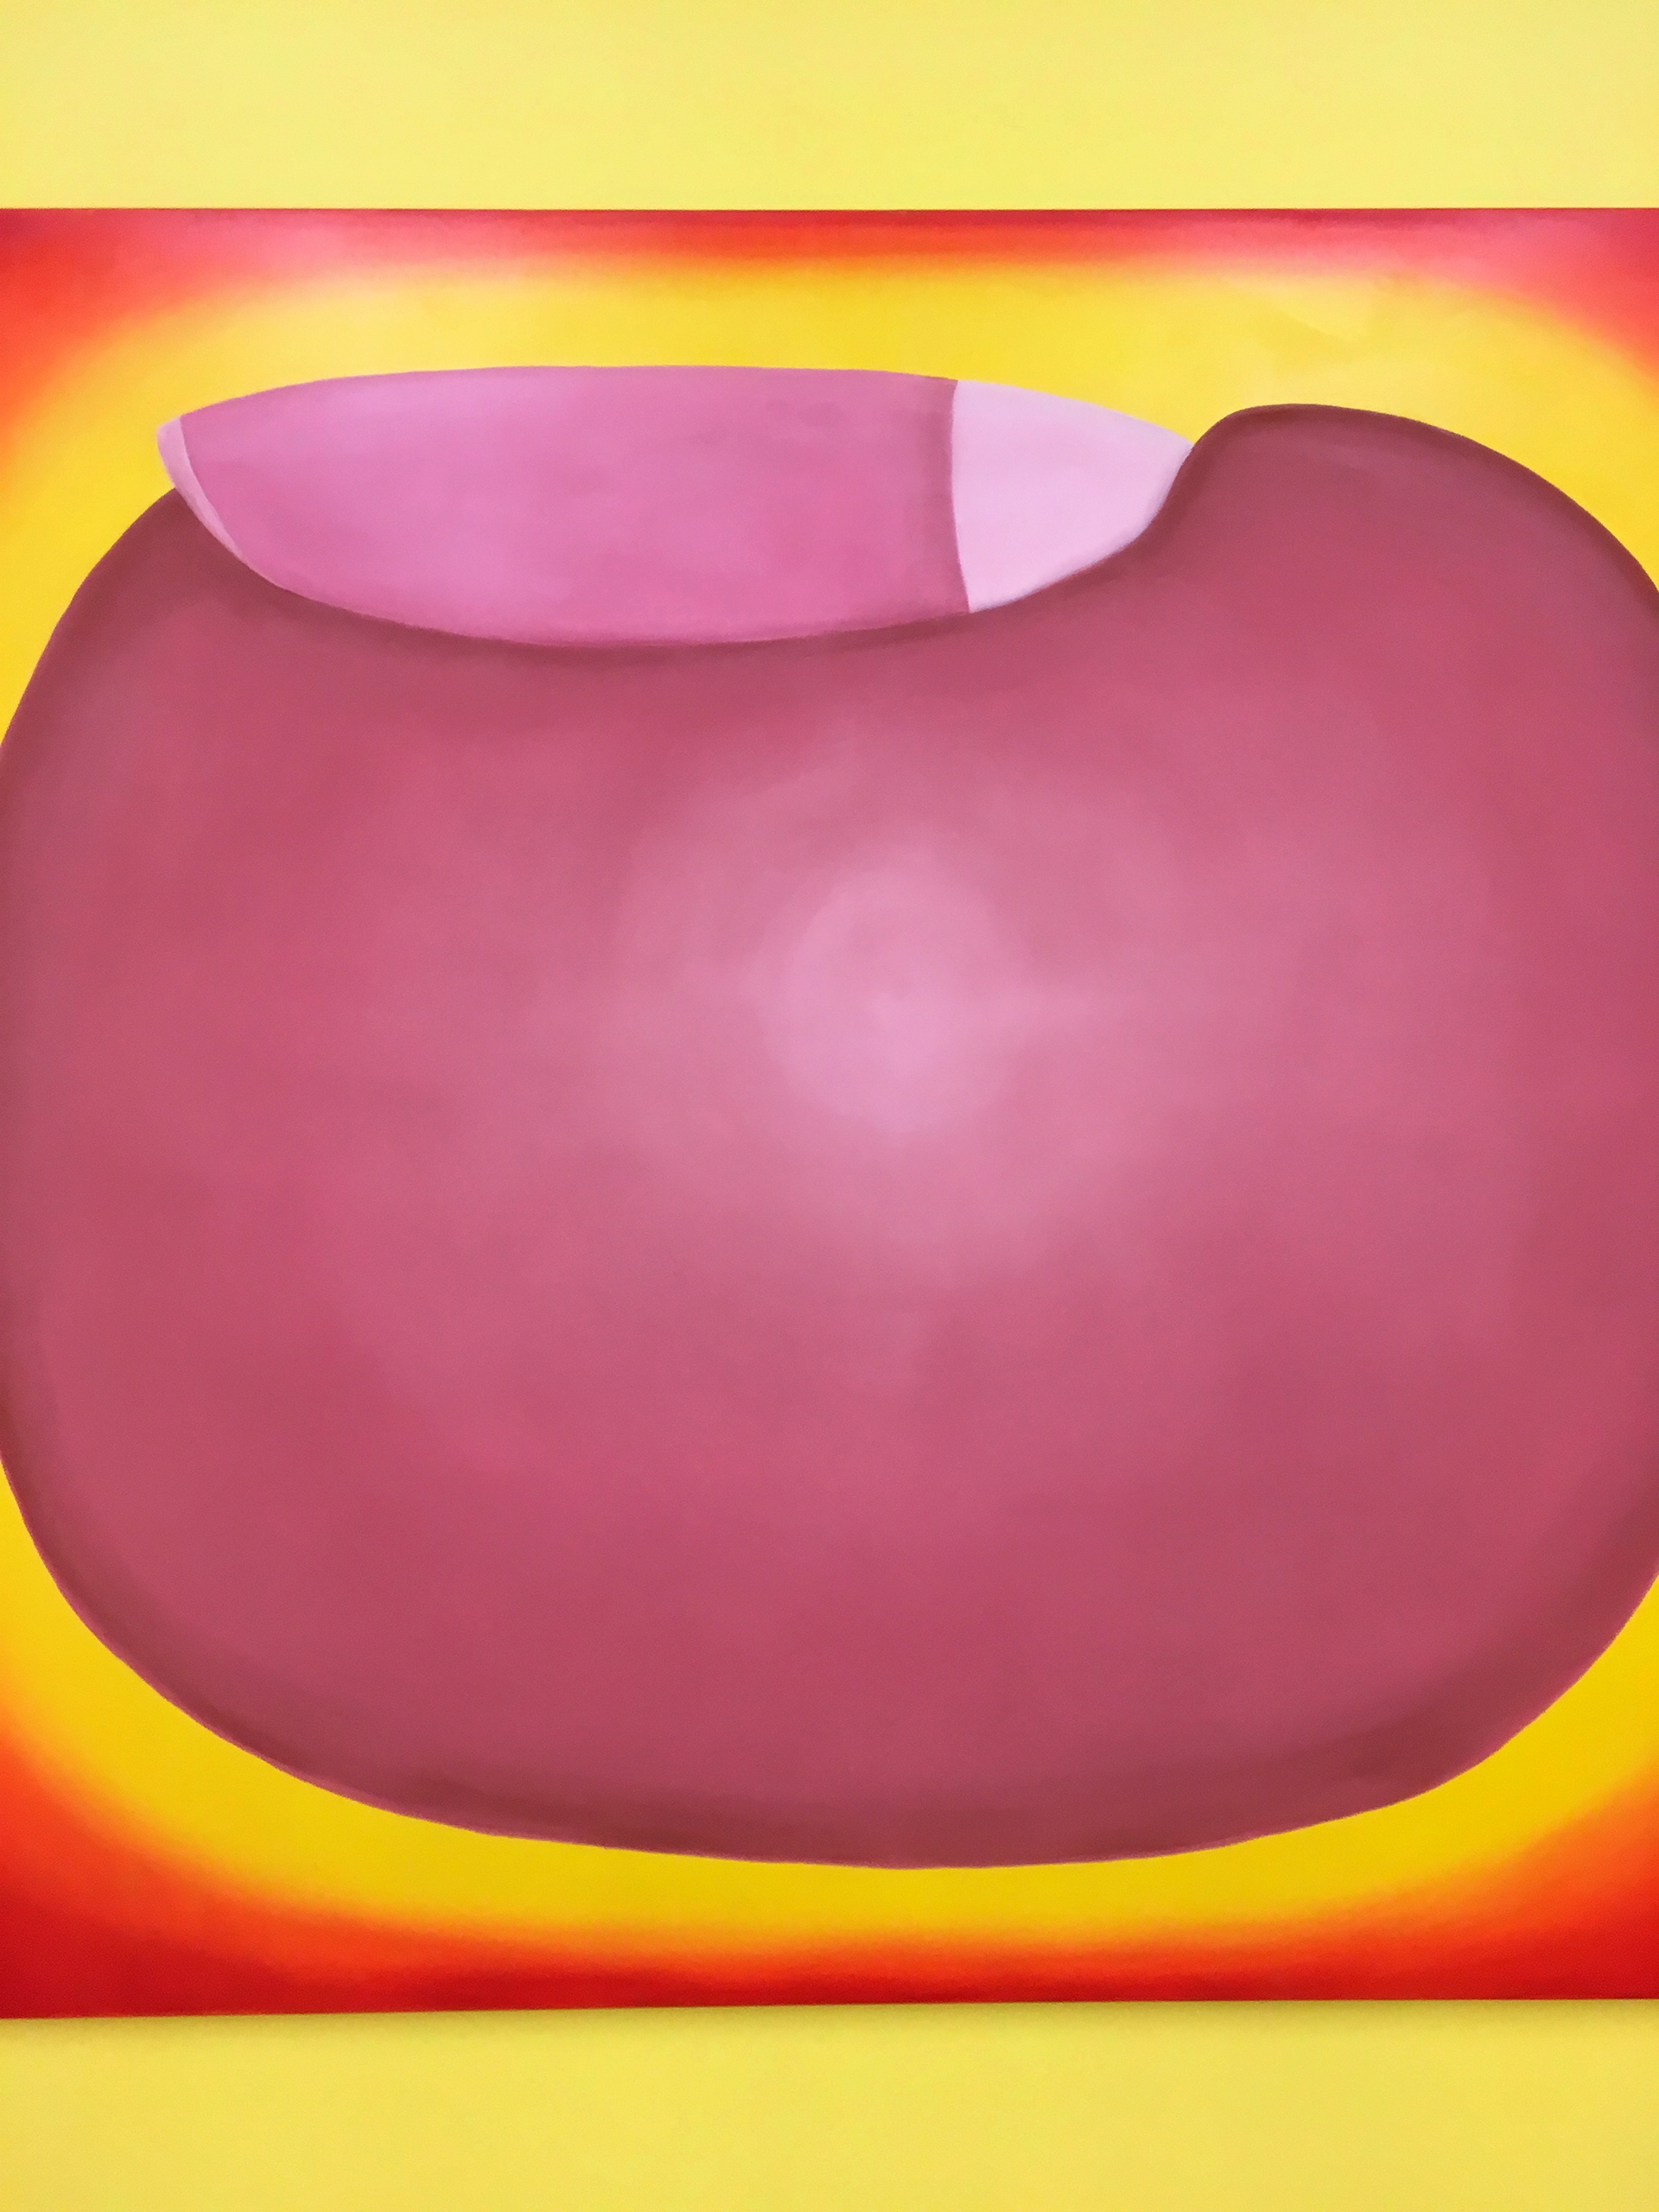 Zdjęcie przedstawia kompozycję geometryczną w kolorach żółtych, czerwonych i różowych.